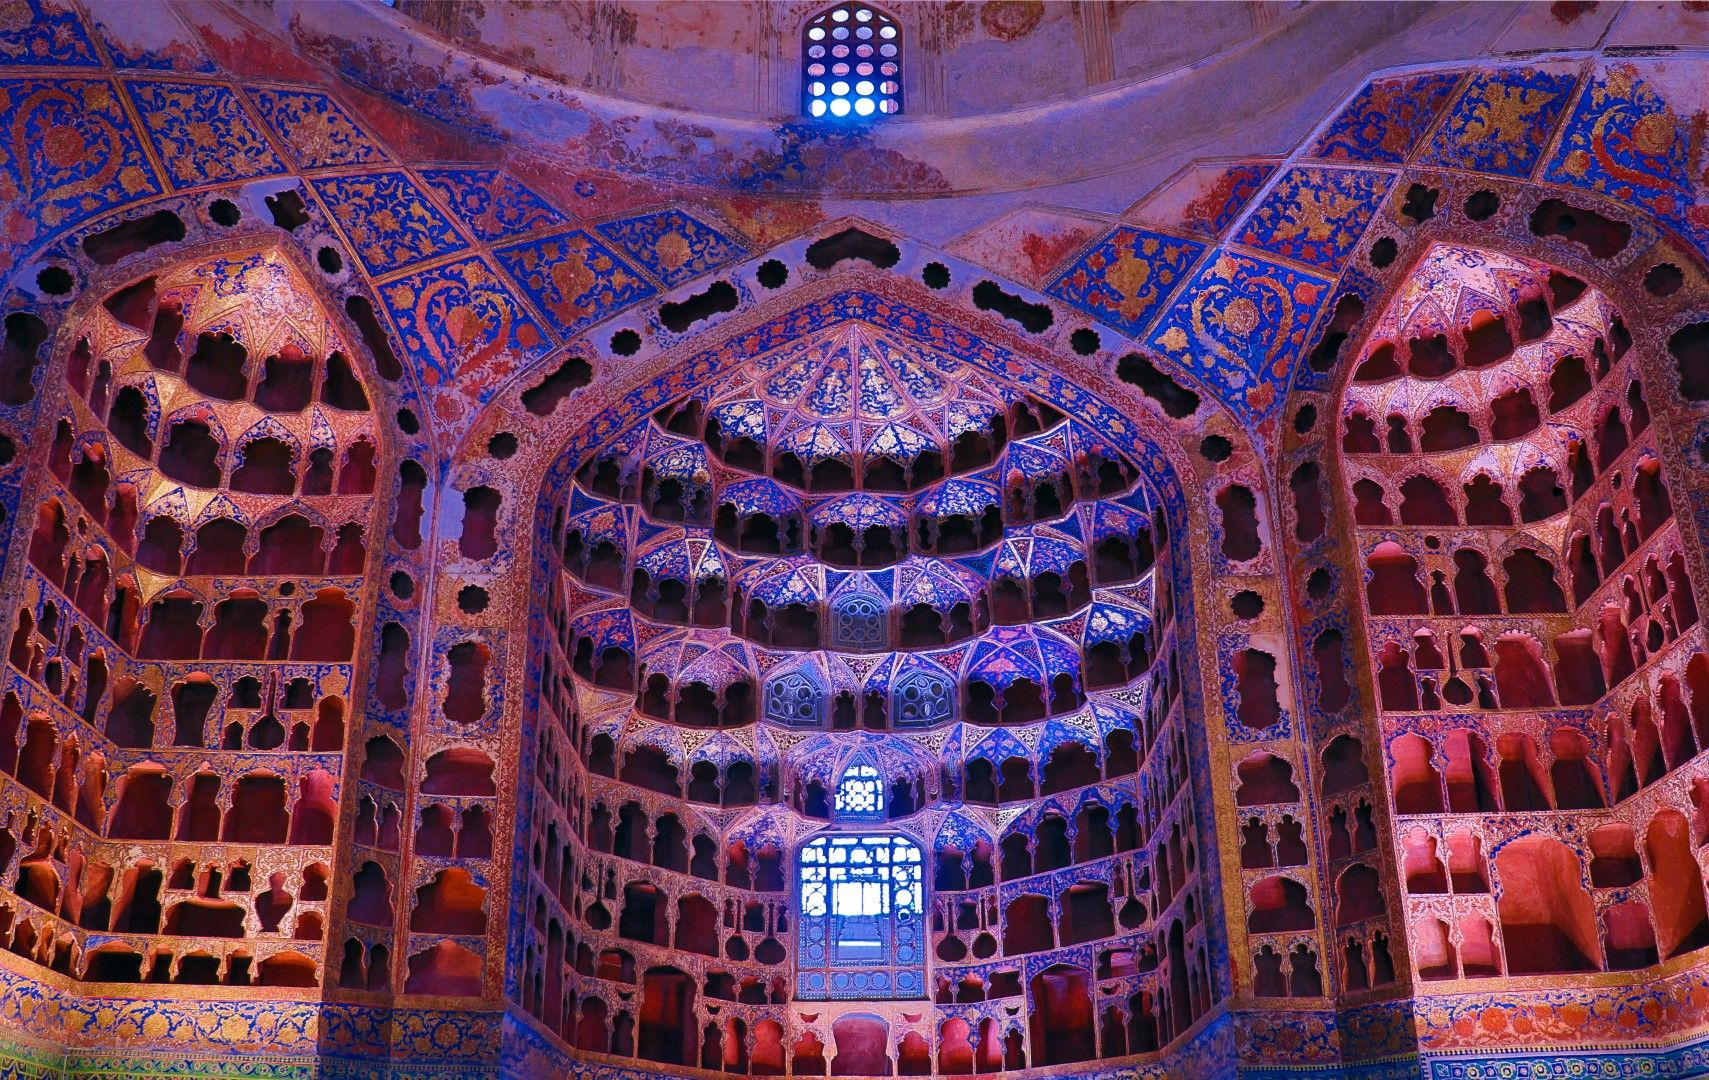 Китайската стая в гробницата на шейх Сафи ад дин Ардабил. Гробницата е от 1334 г. и е част от световното наследство на ЮНЕСКО.